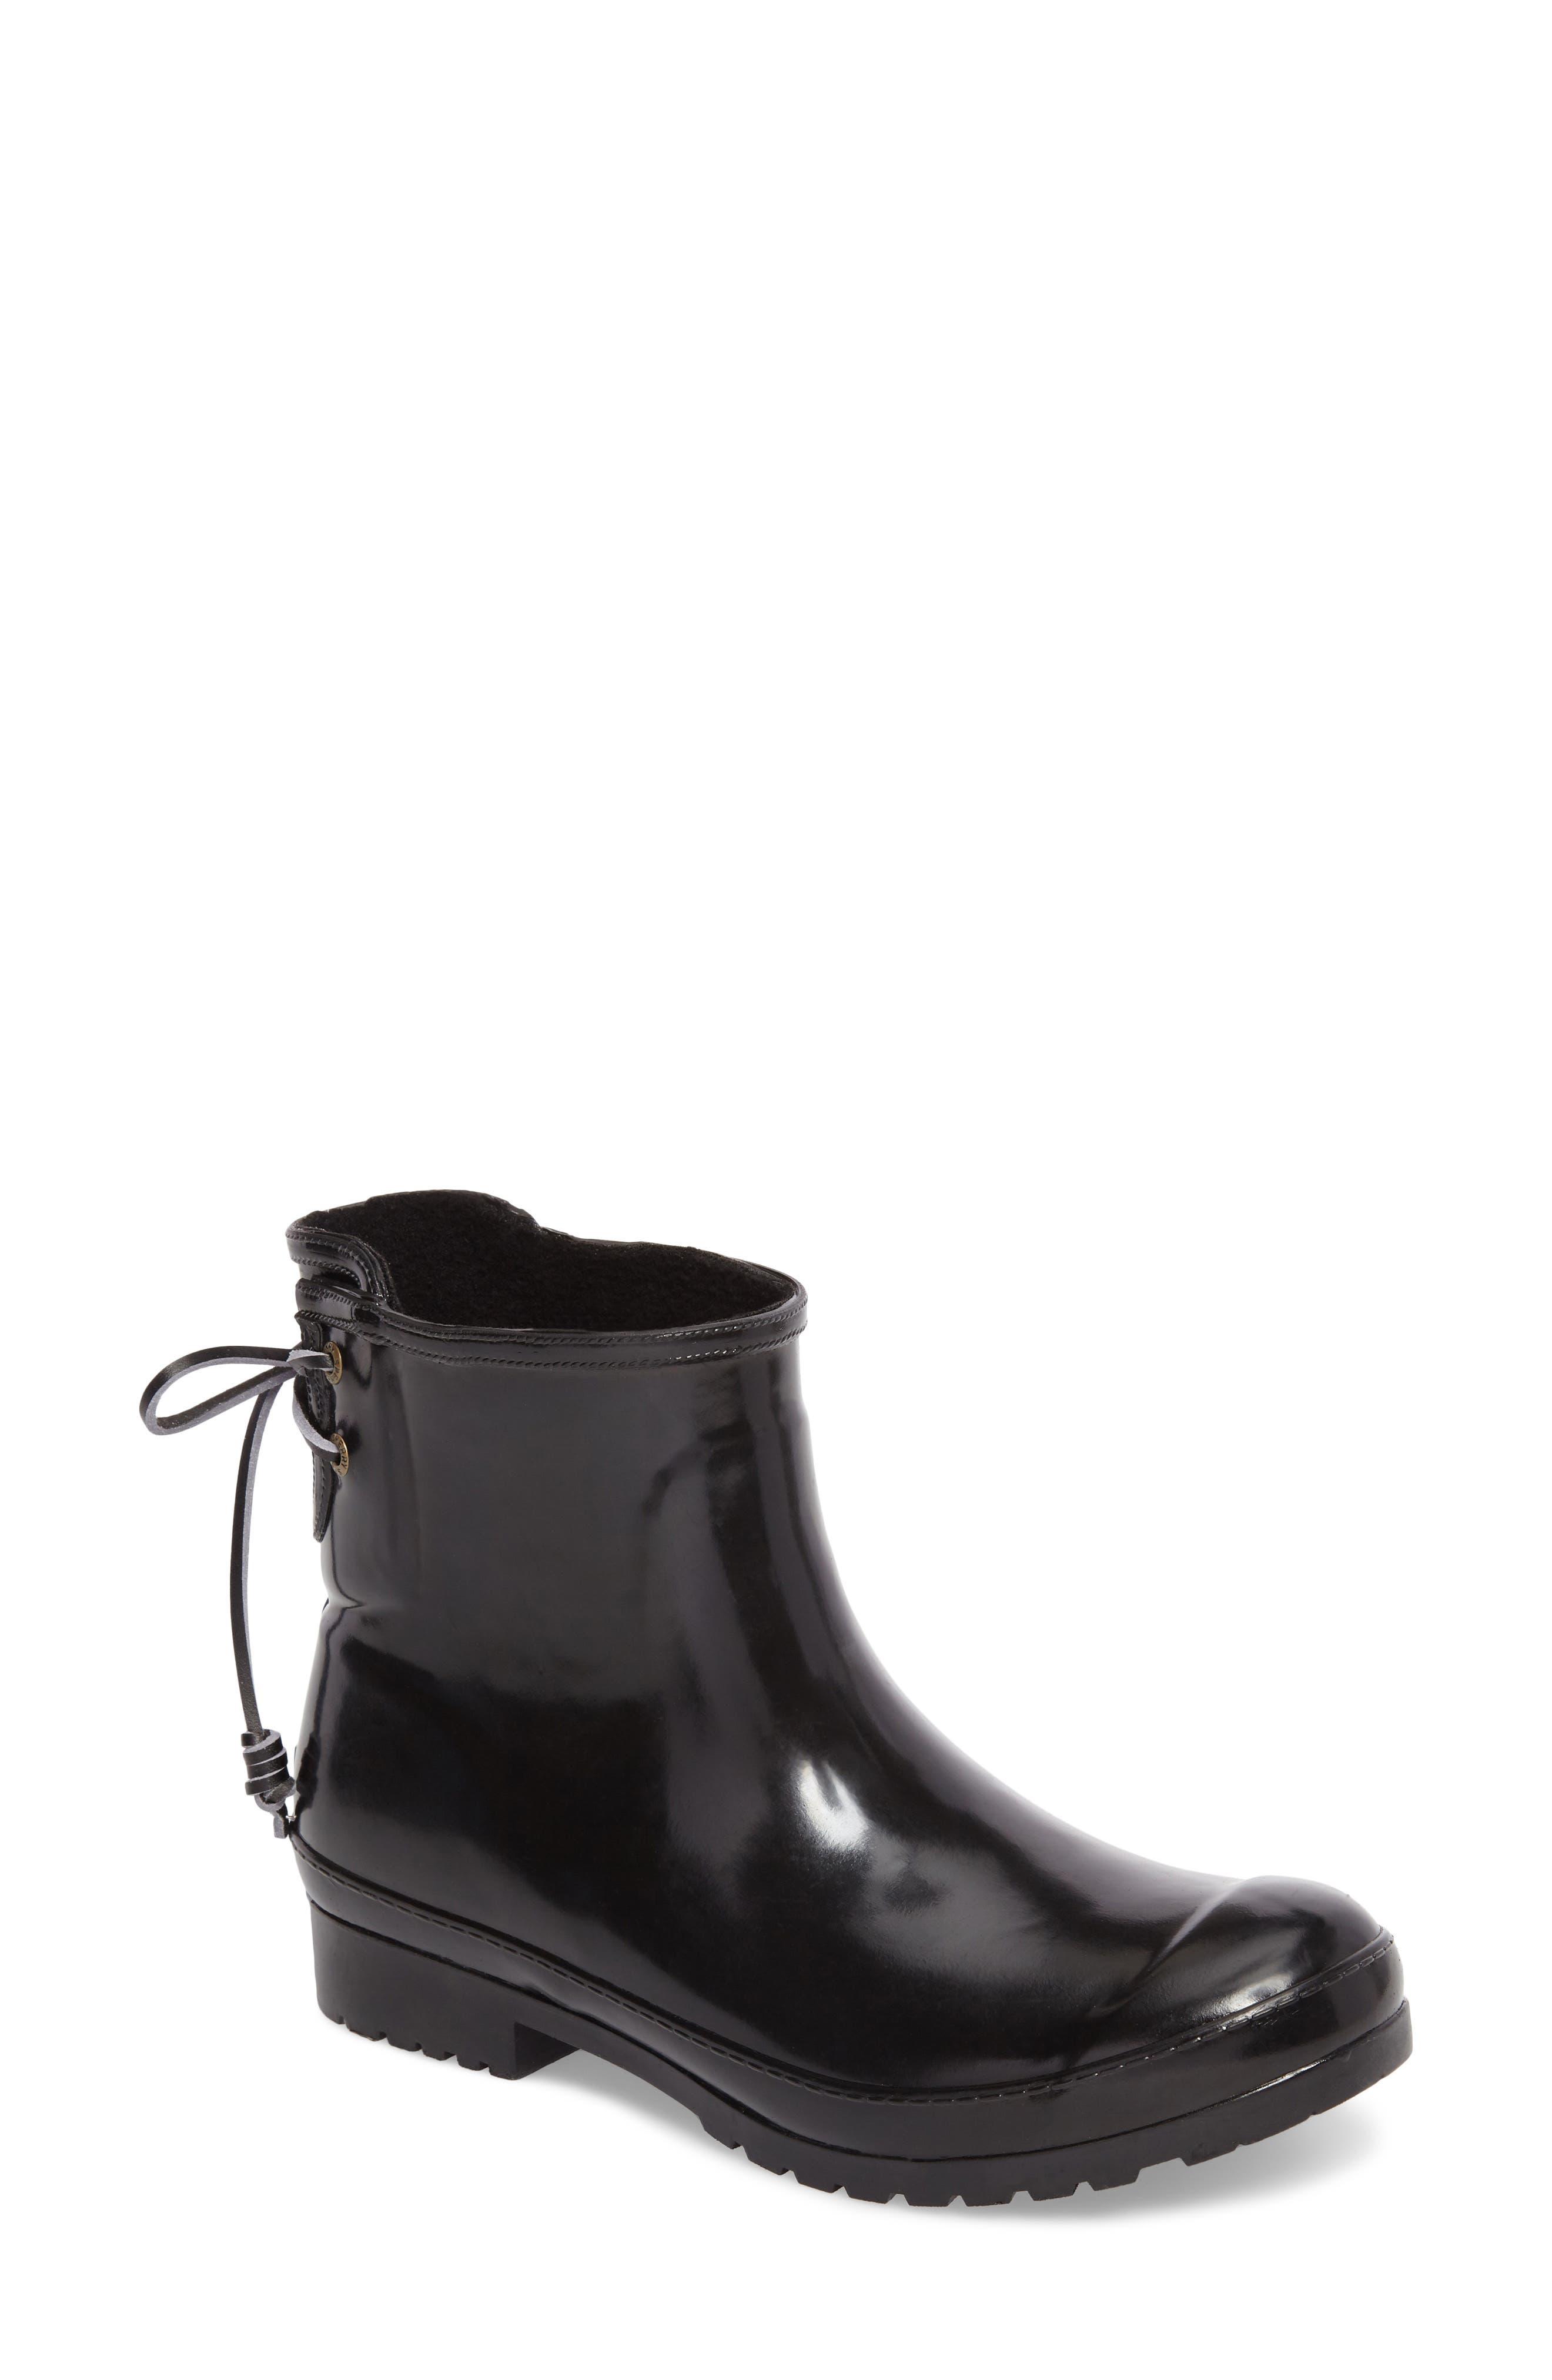 Walker Rain Boot,                         Main,                         color, 001